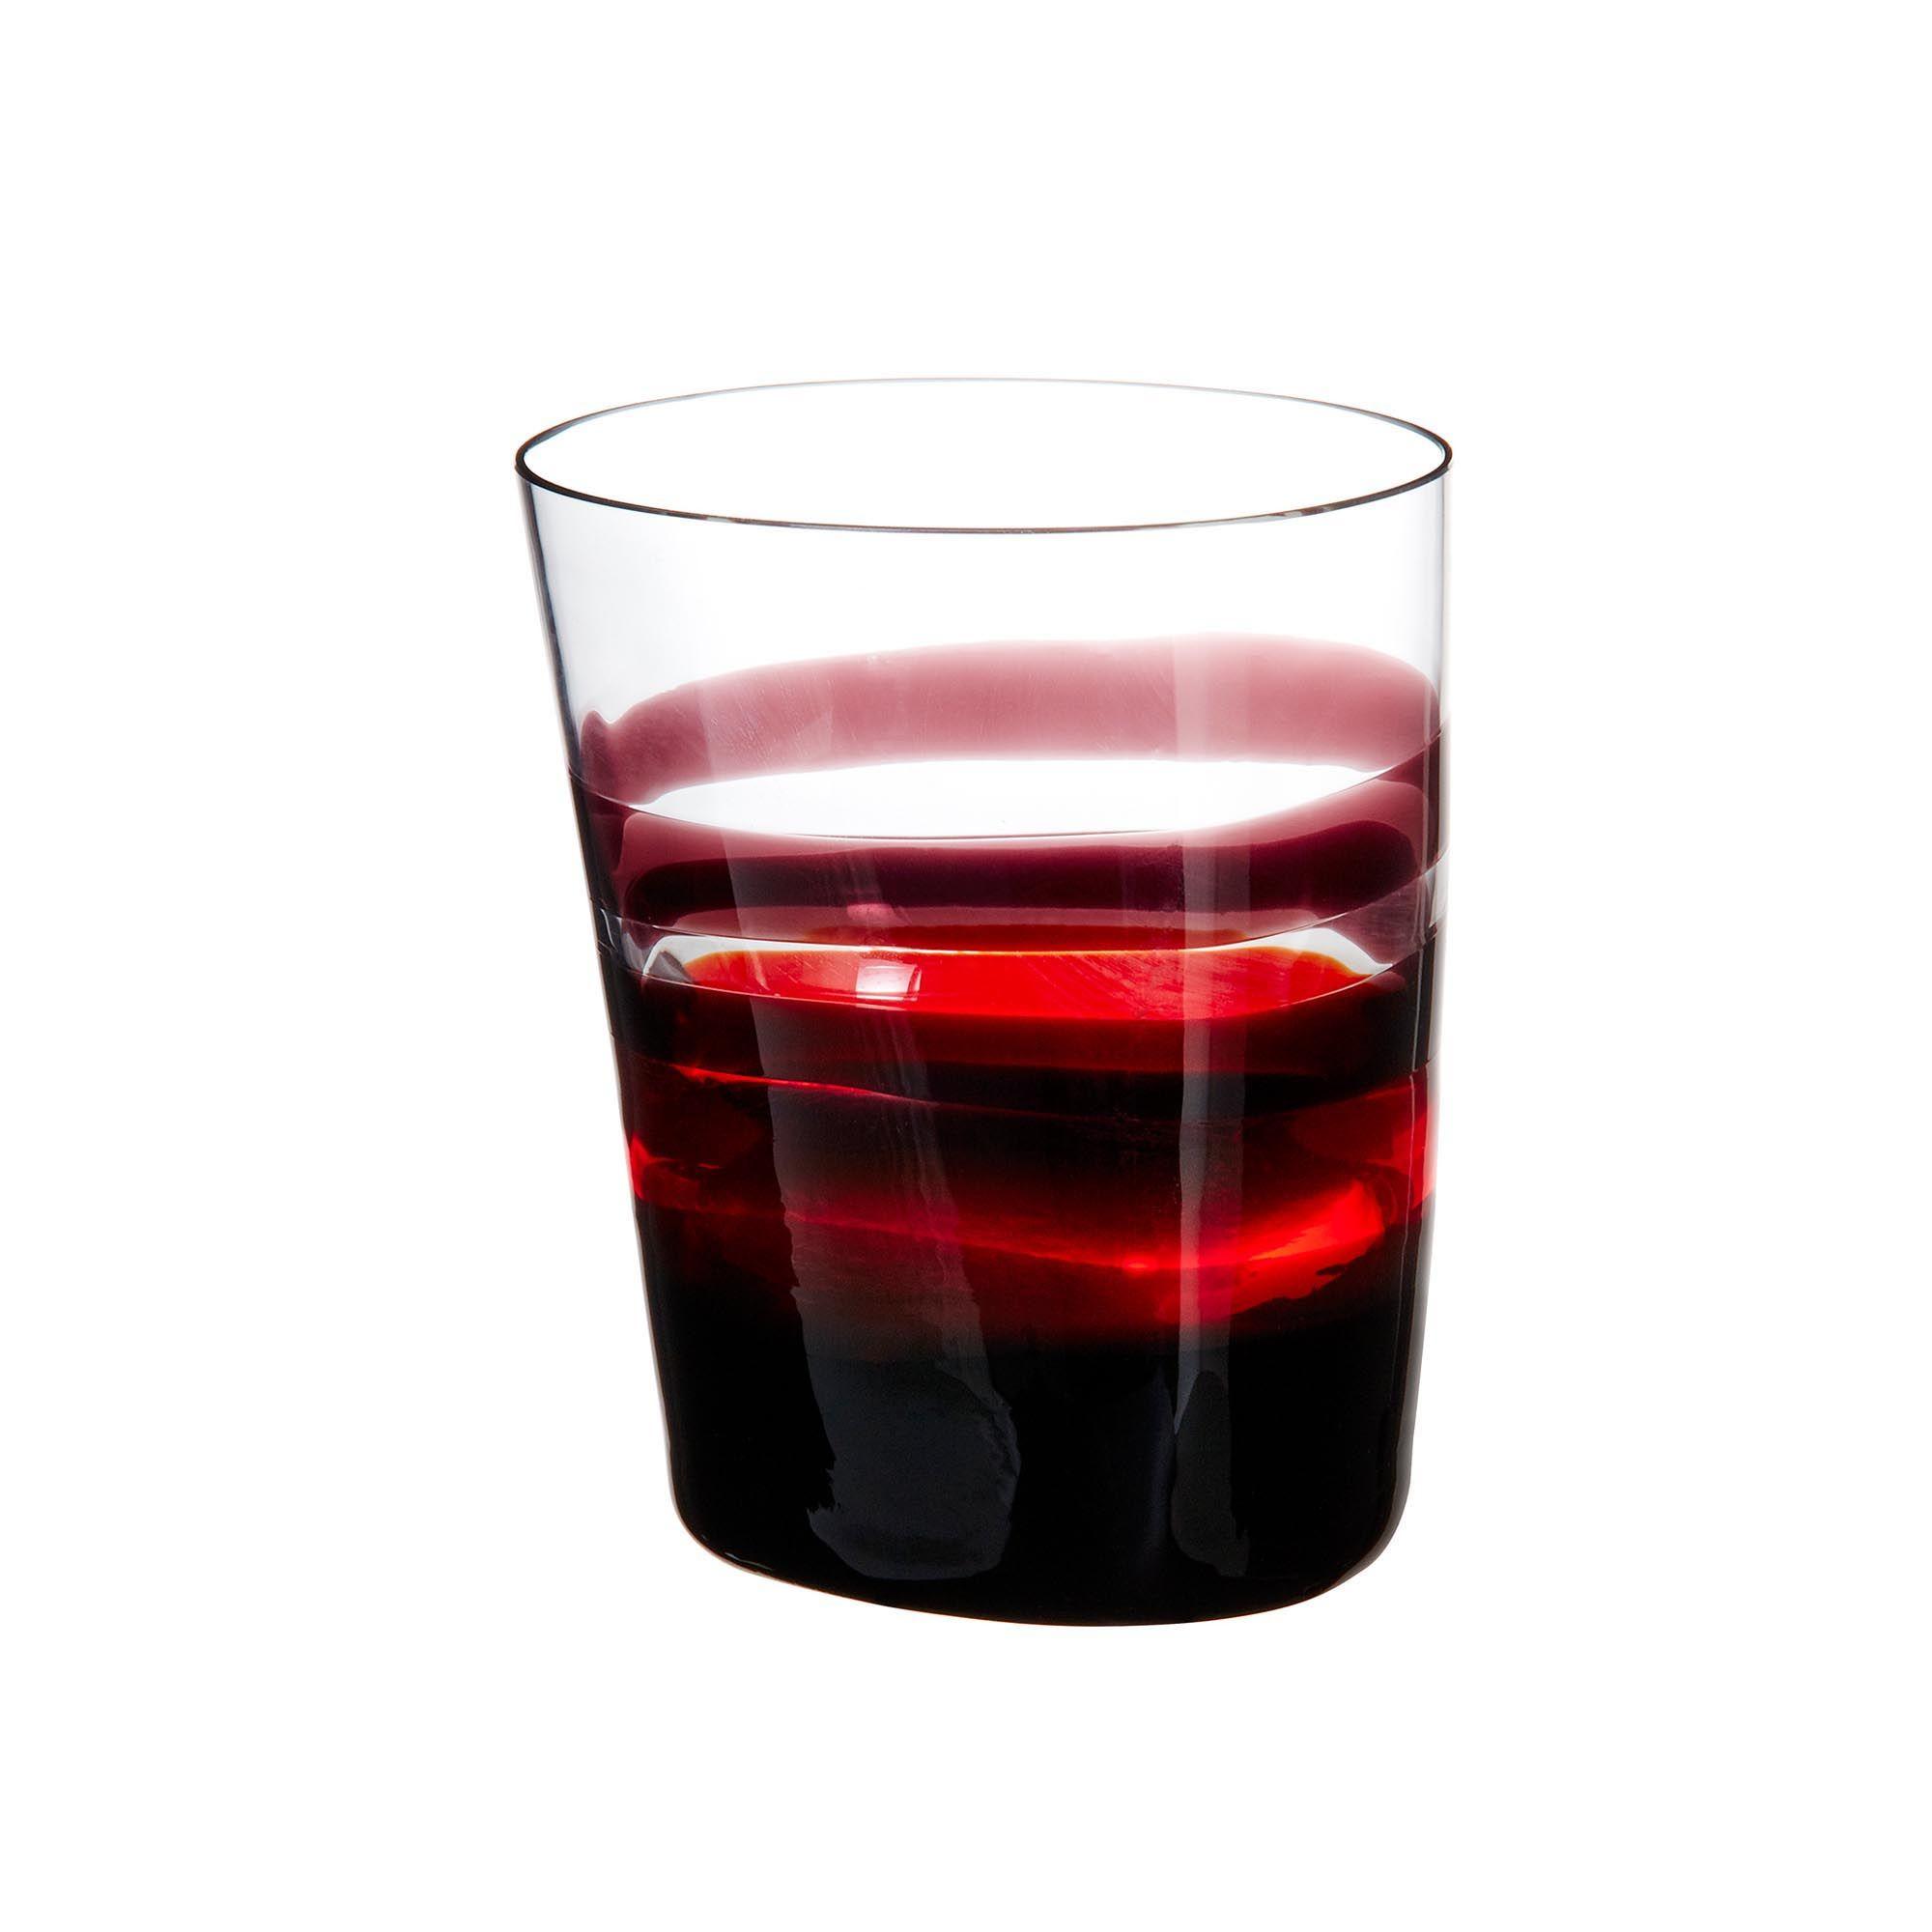 Wasserglas Bora Modell 997 21 Carlo Moretti Wasserglas Modell Glas